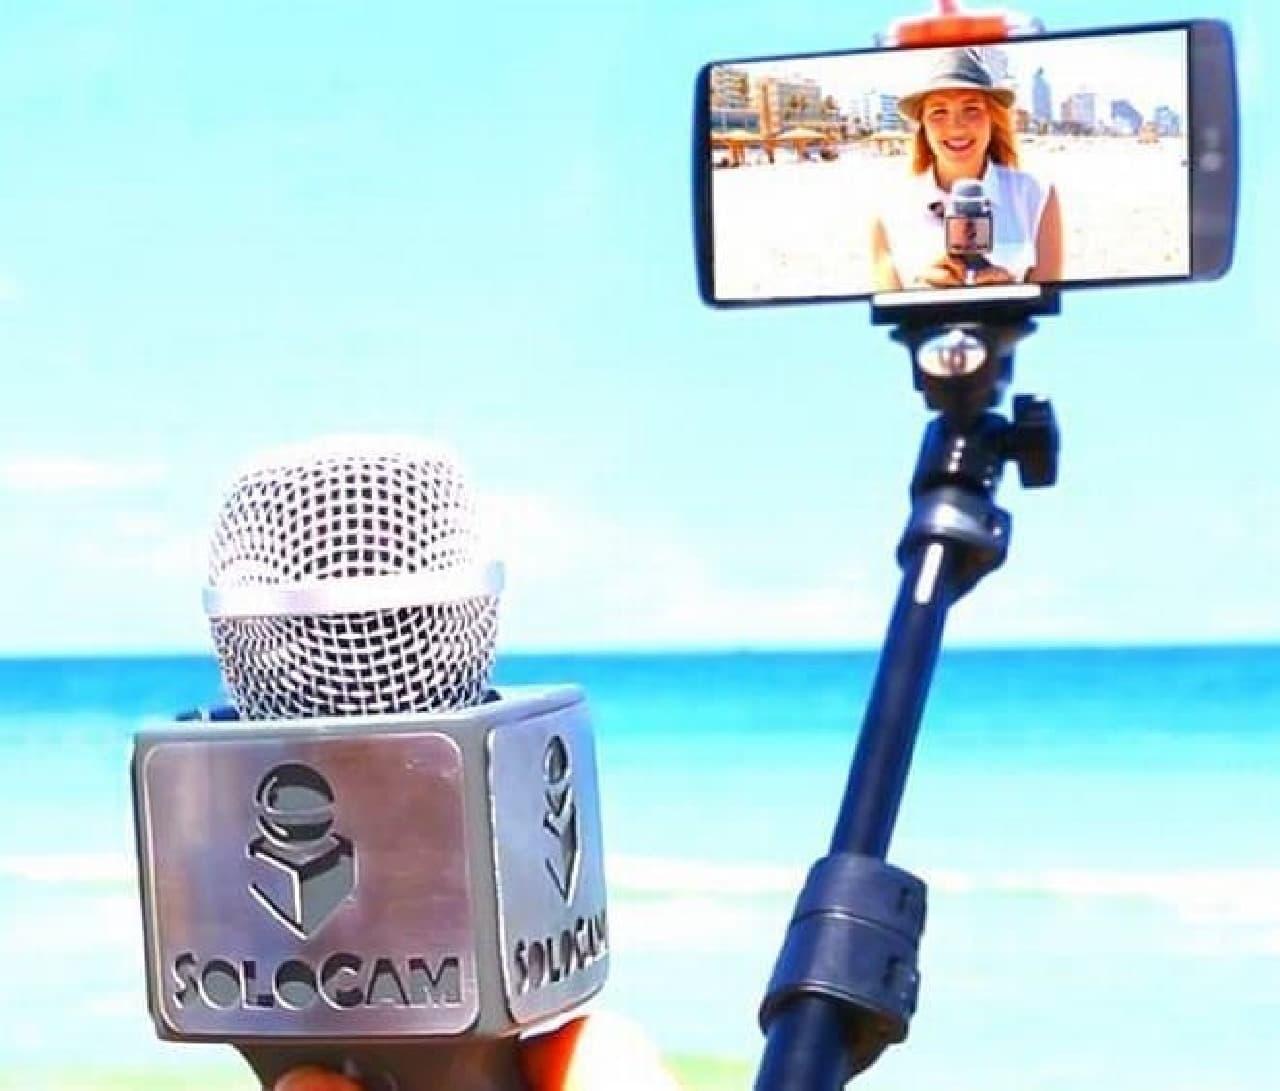 動画撮影に特化した自撮り棒「SoloCam」